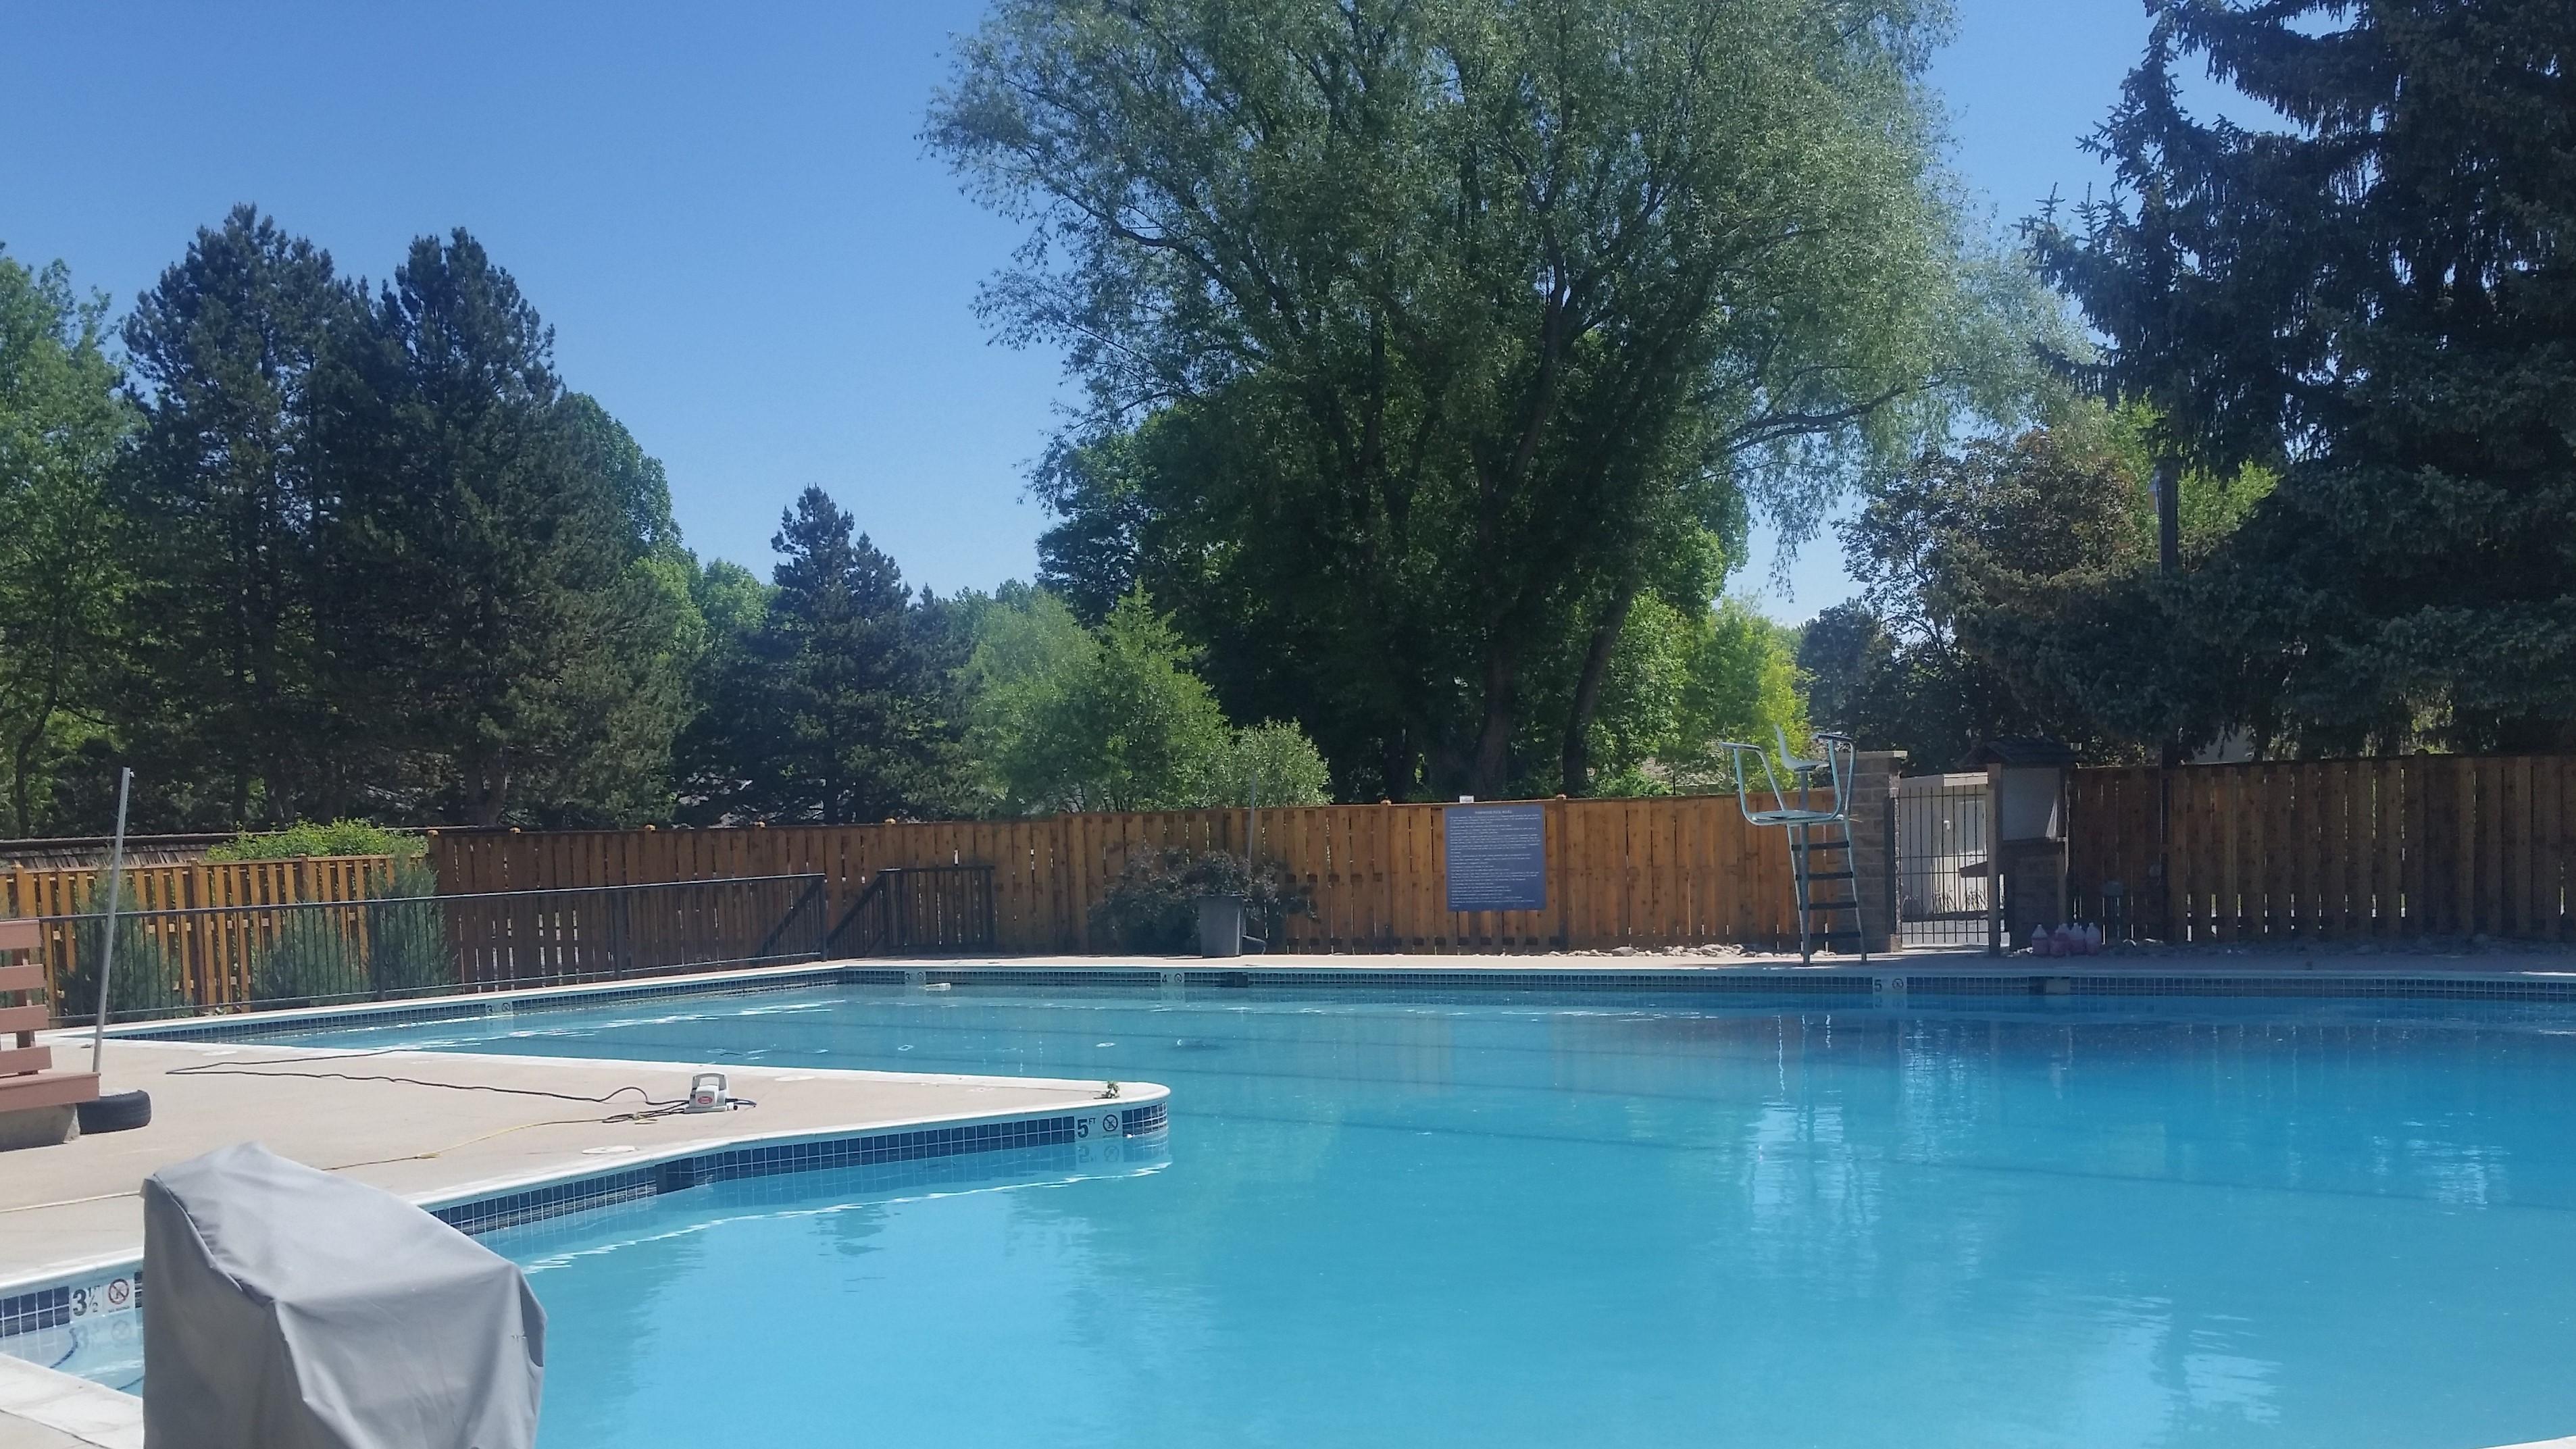 Parkwood pool